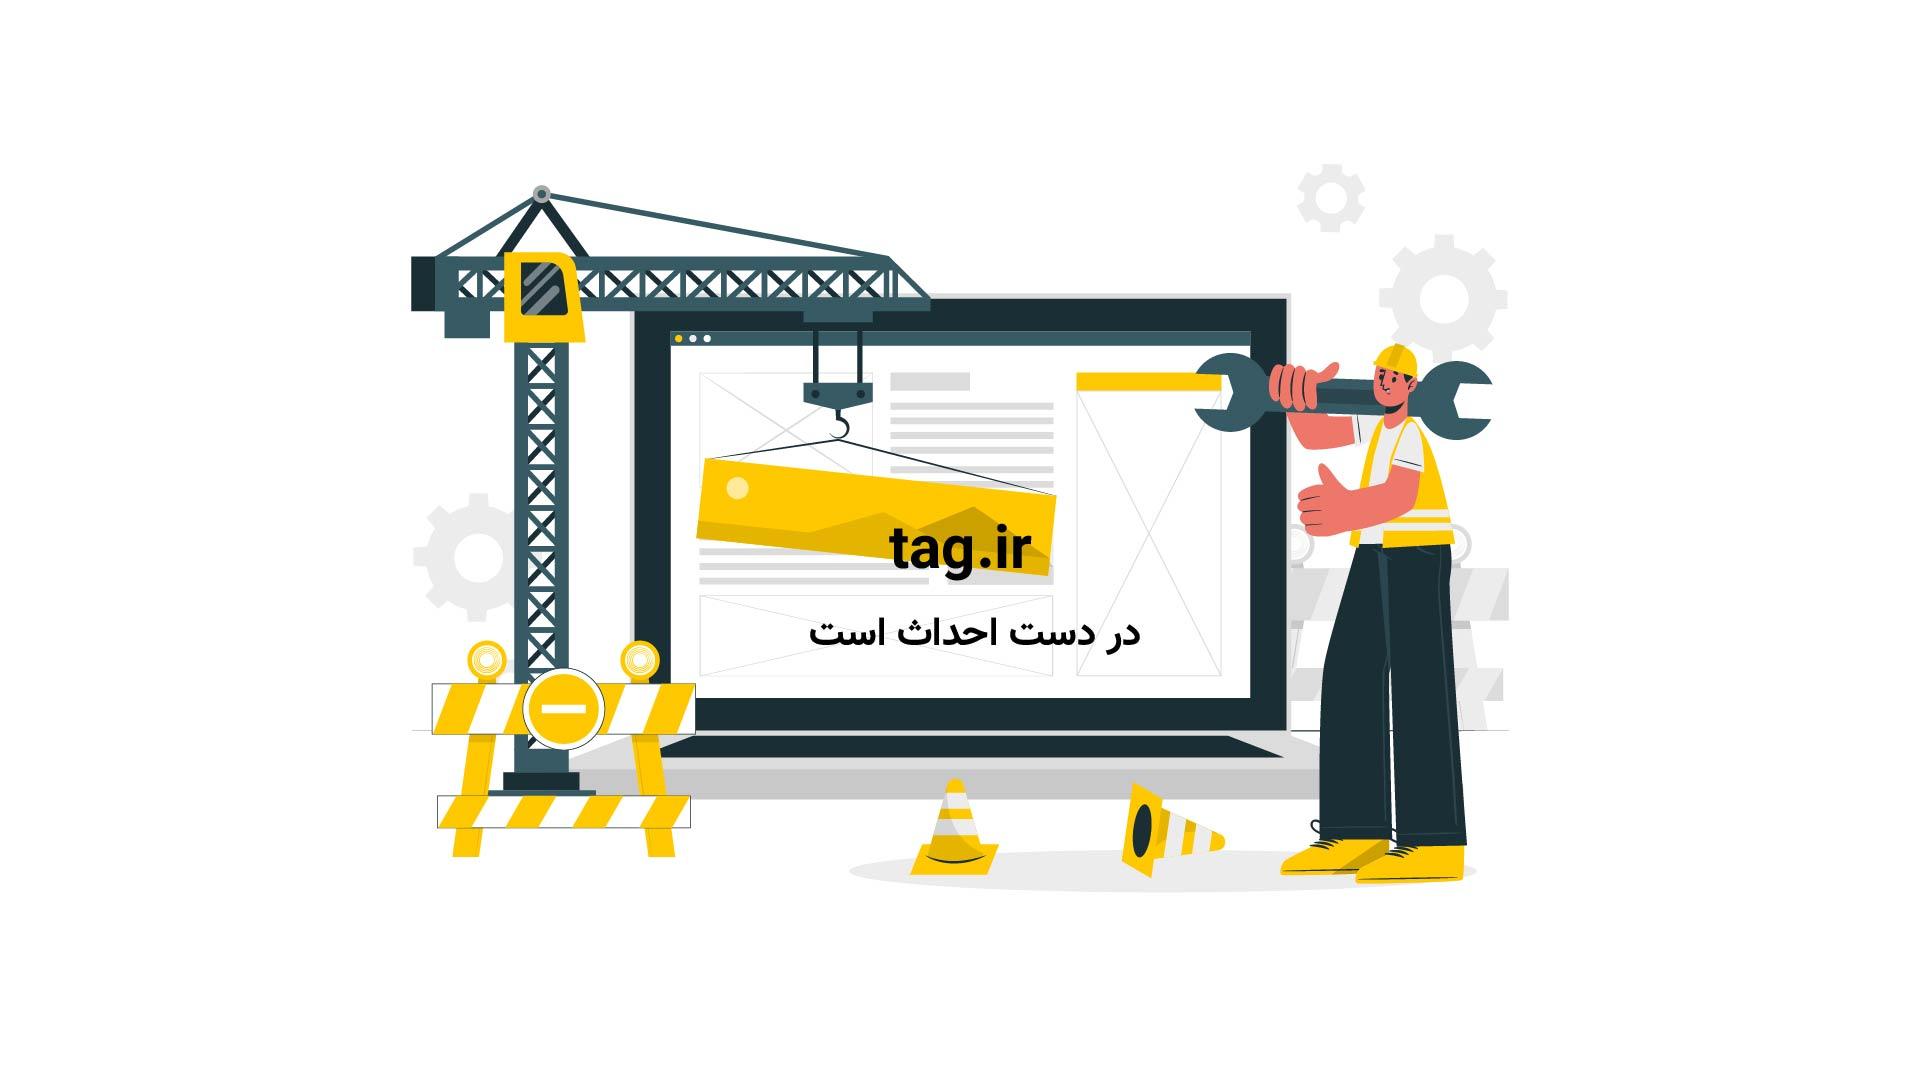 آبشار تاف هفت چشمه در روستای گریت استان لرستان | فیلم